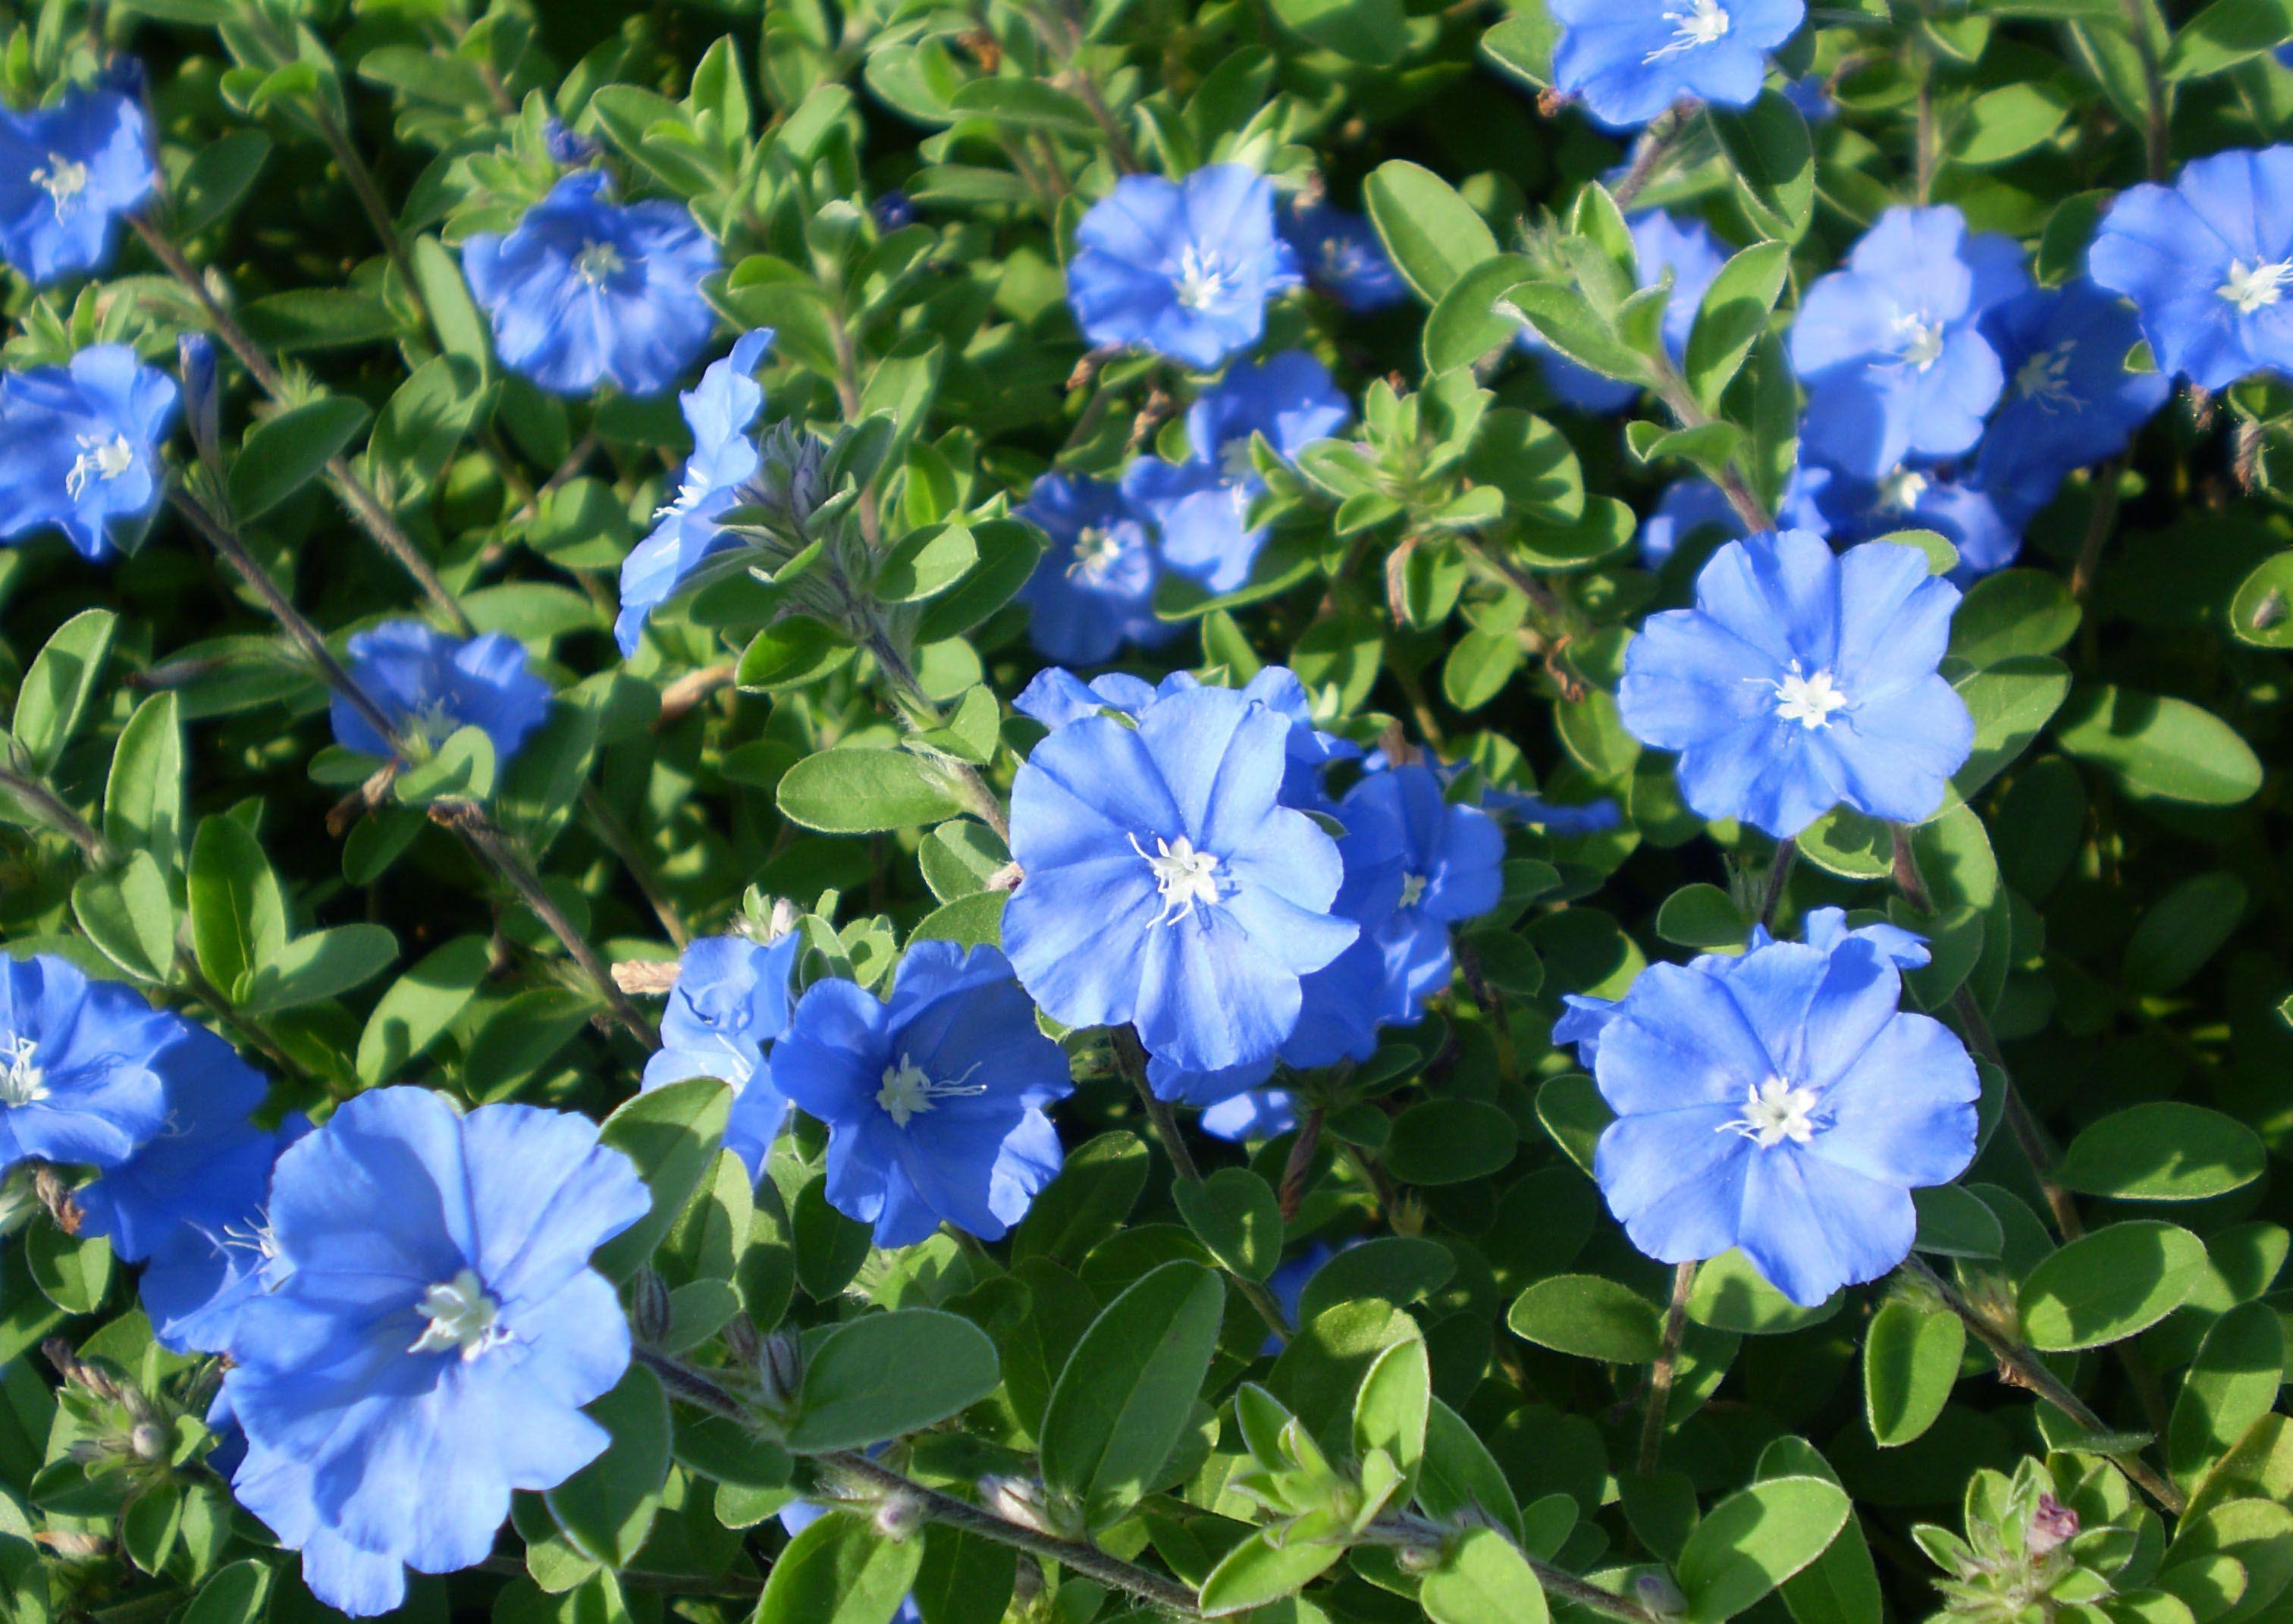 Цветы для вазонов на даче: какие цветы лучше посадить